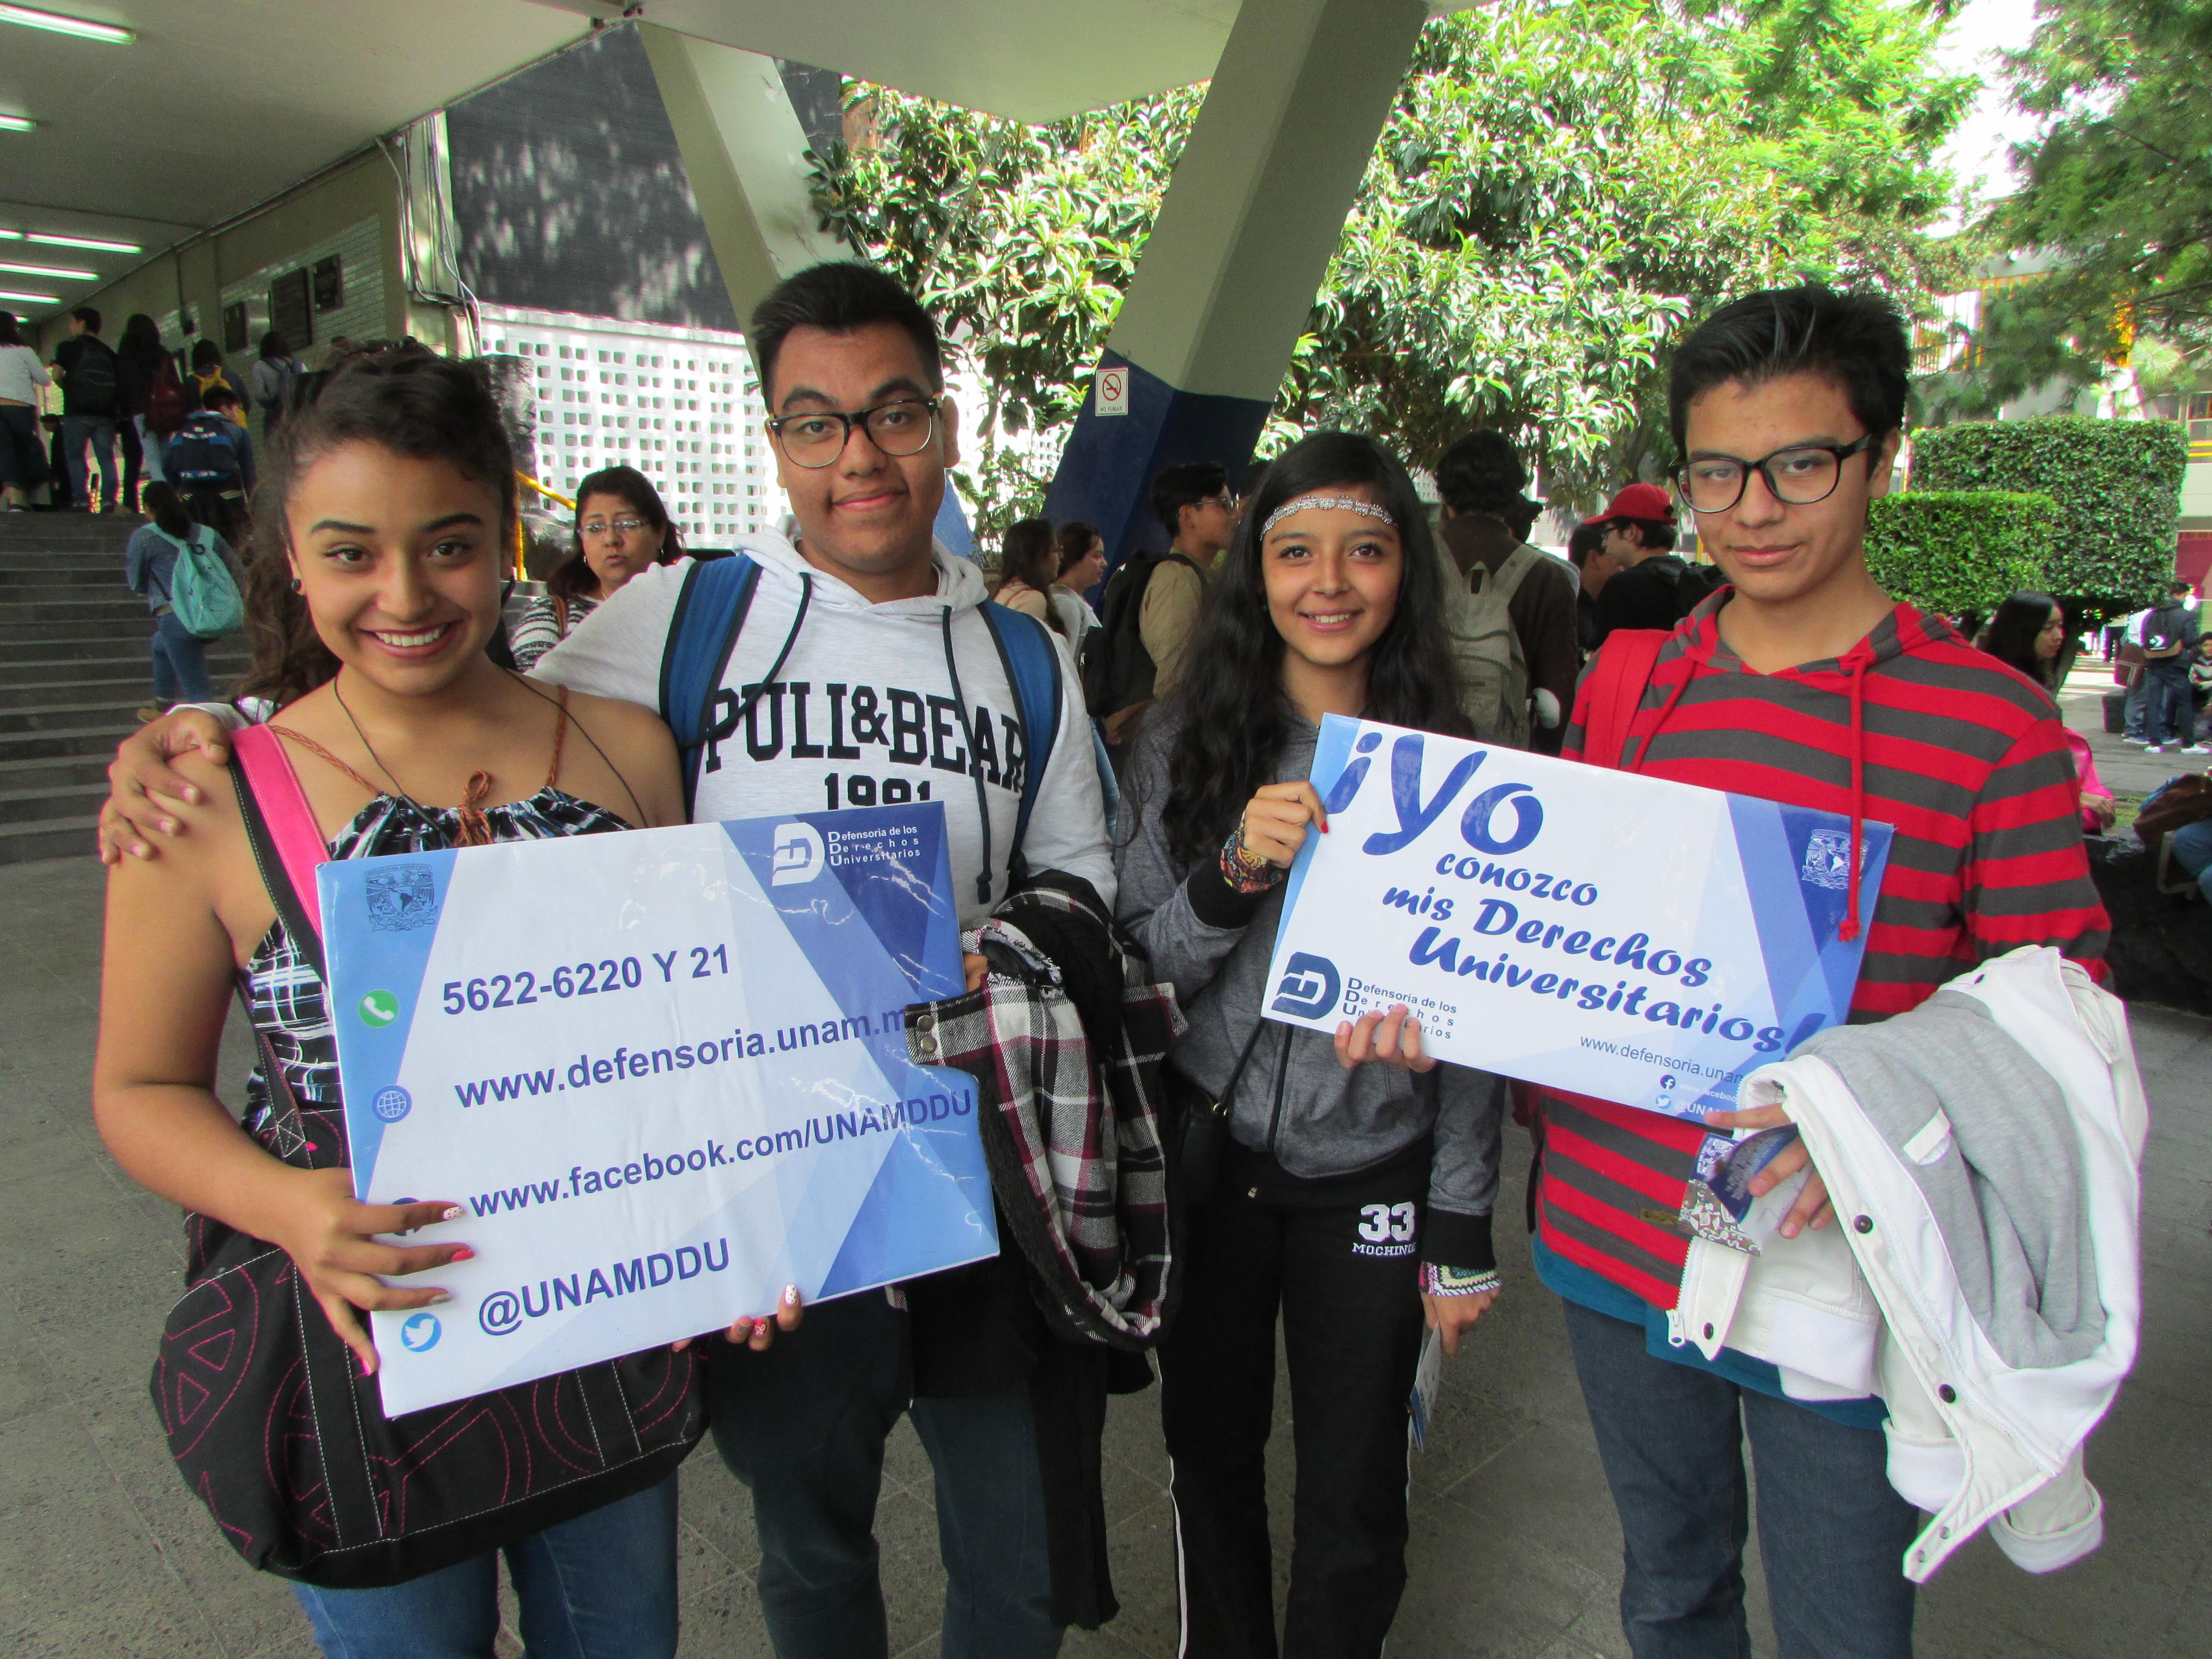 foto de alumnos de bachillerato